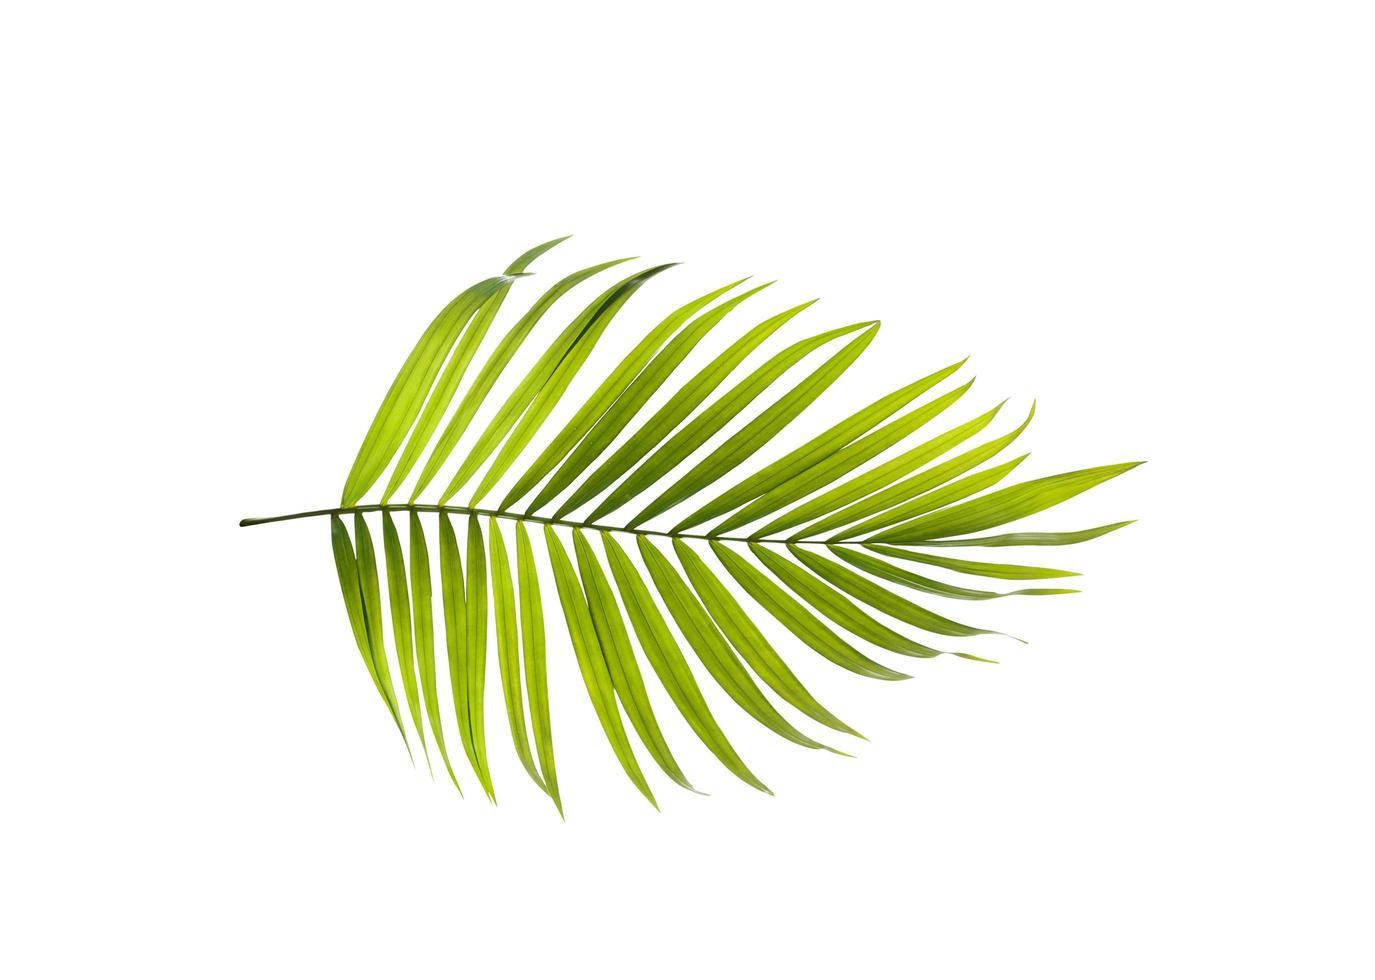 einzelnes hellgrünes Palmblatt foto